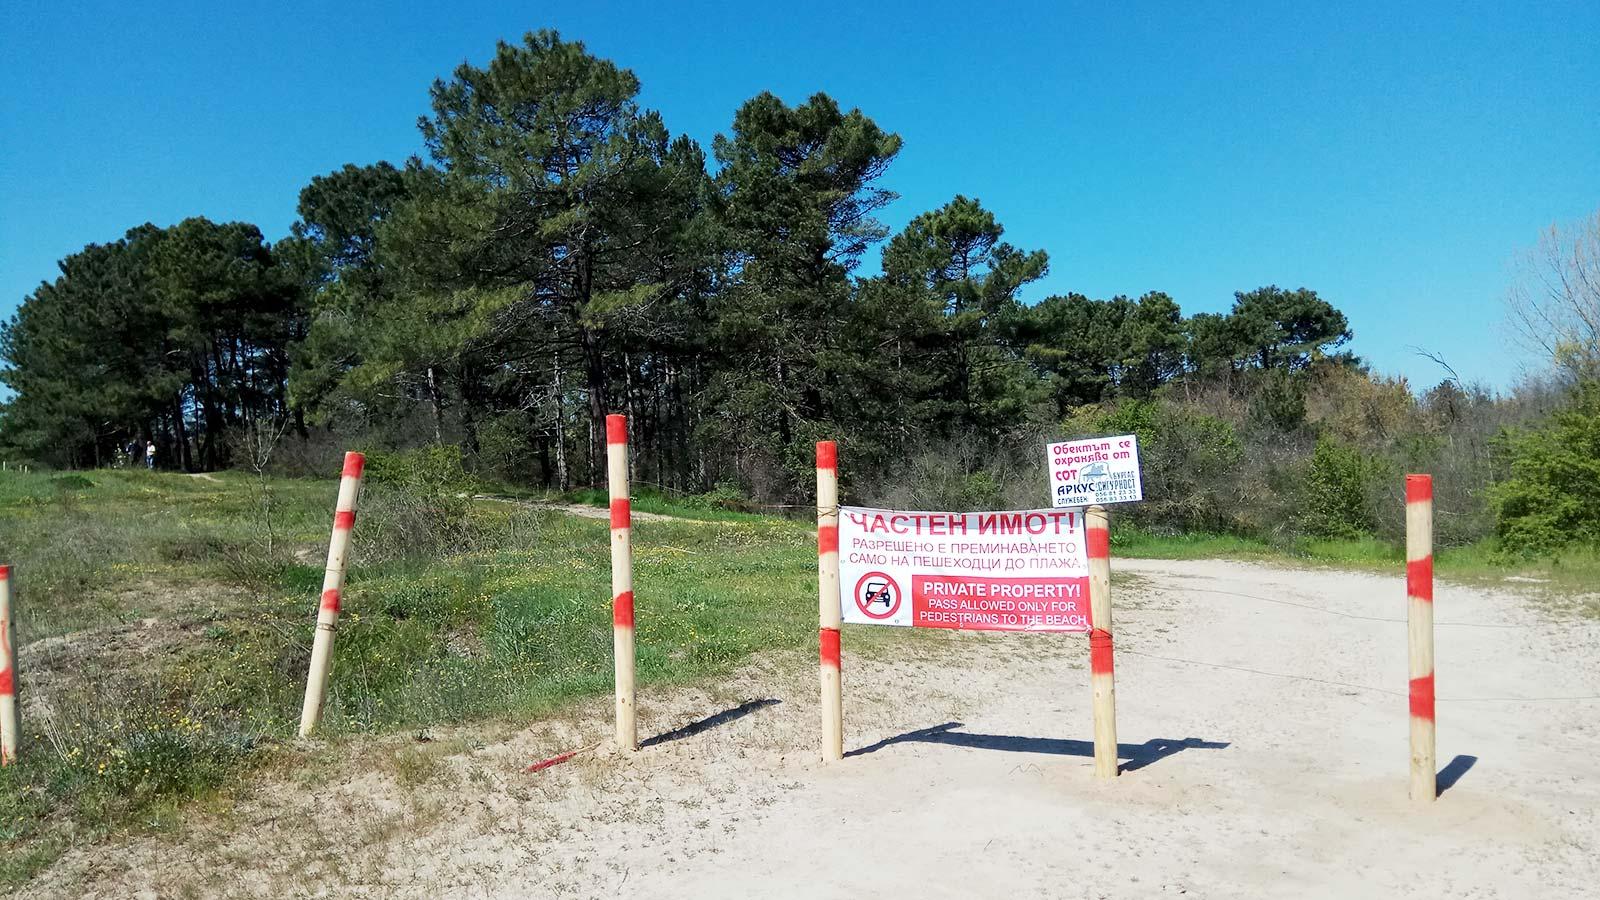 Частните имоти на Корал за незаконни според Камарата на геодезистите в България